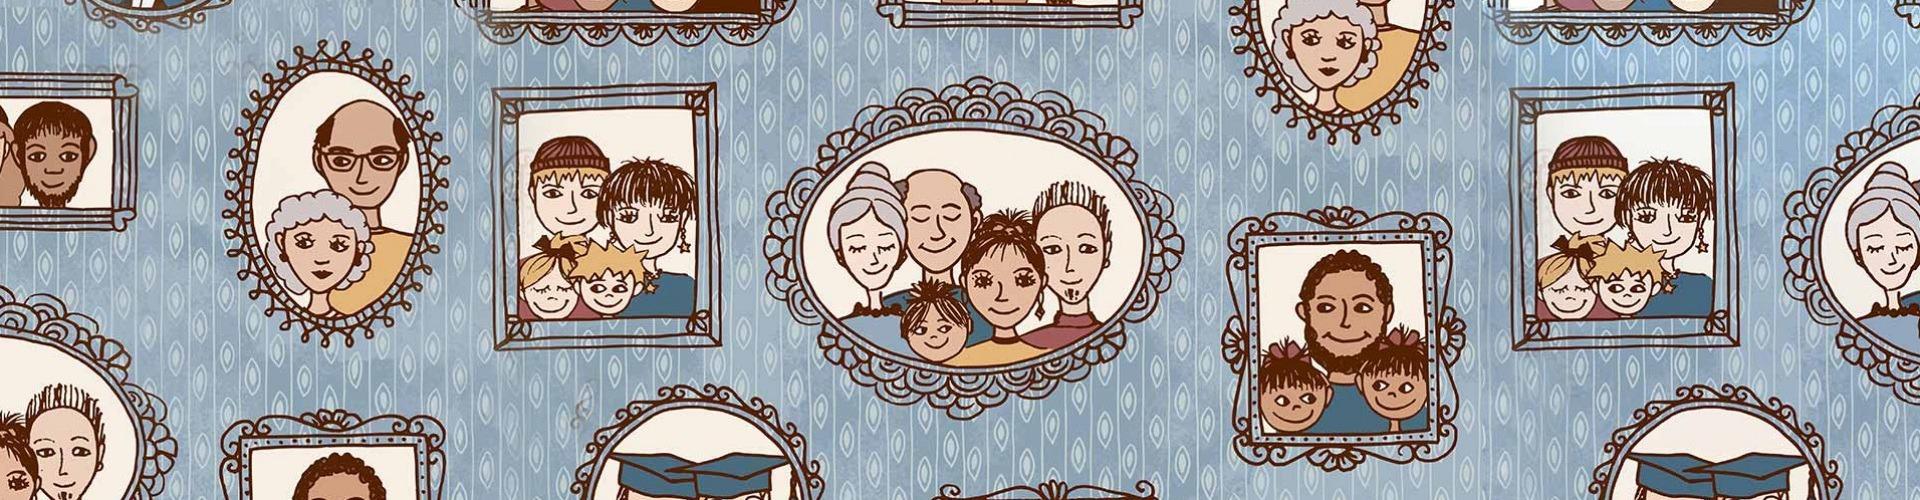 Korunk jelensége: a patchwork család